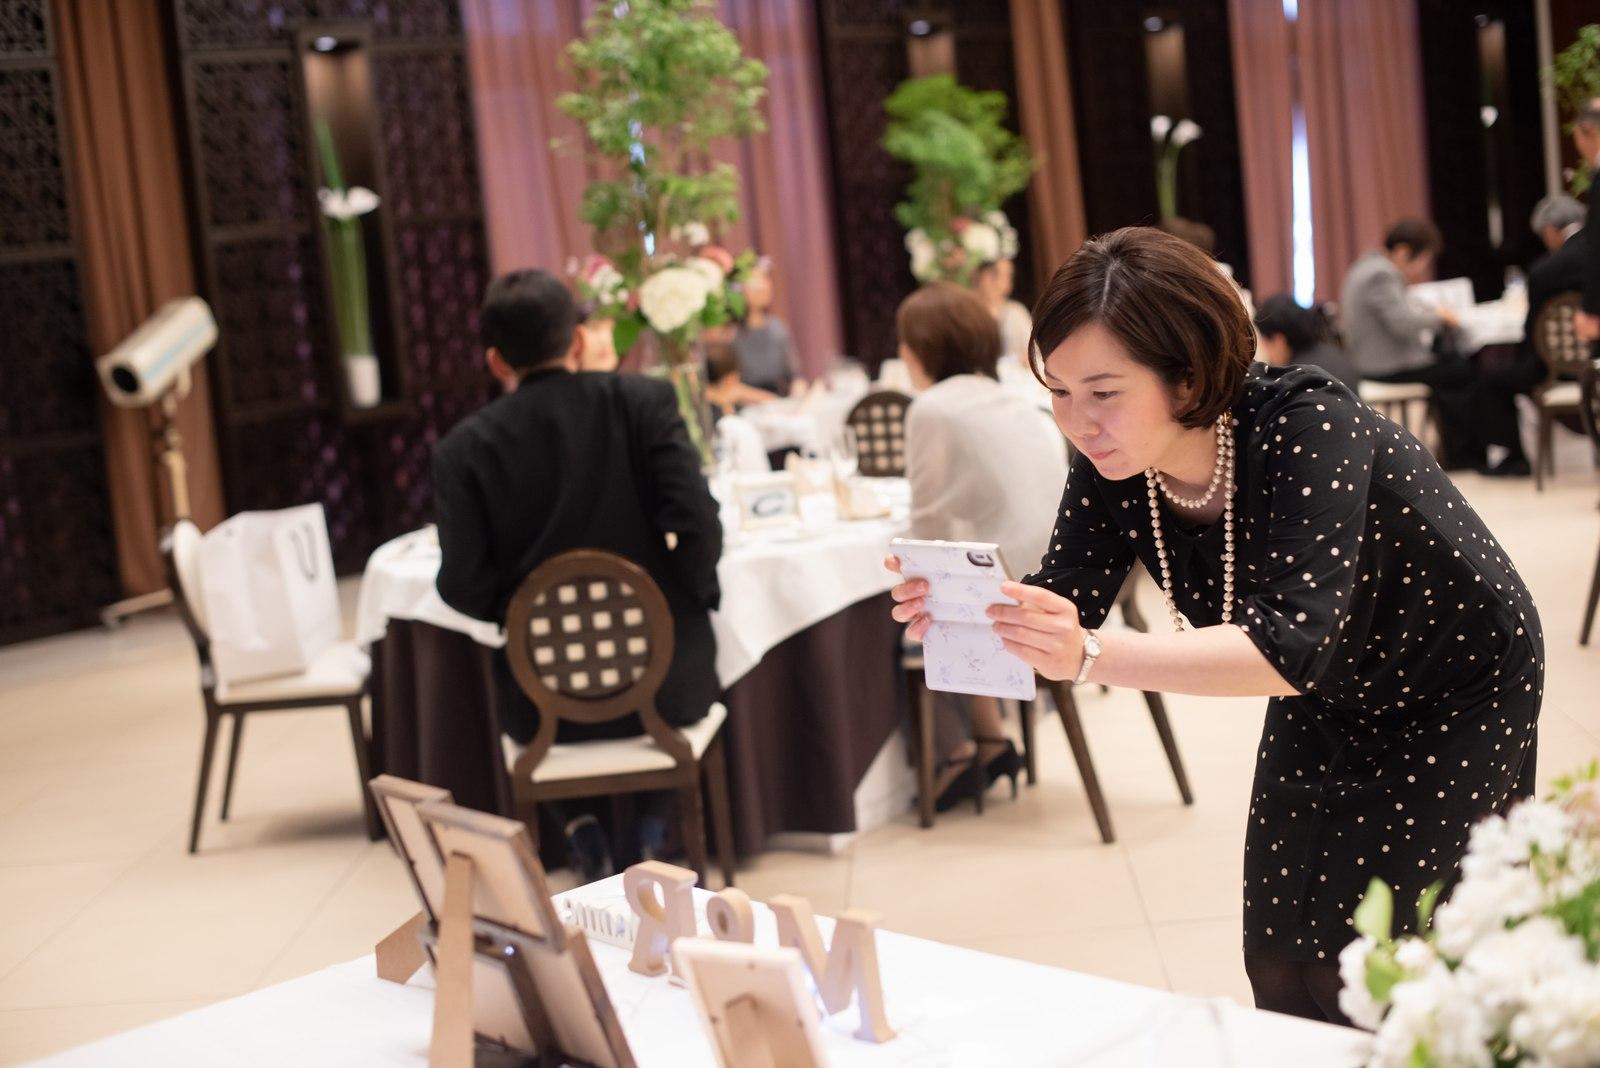 徳島市の結婚式場ブランアンジュでウェルカムグッズの写真をとるゲスト